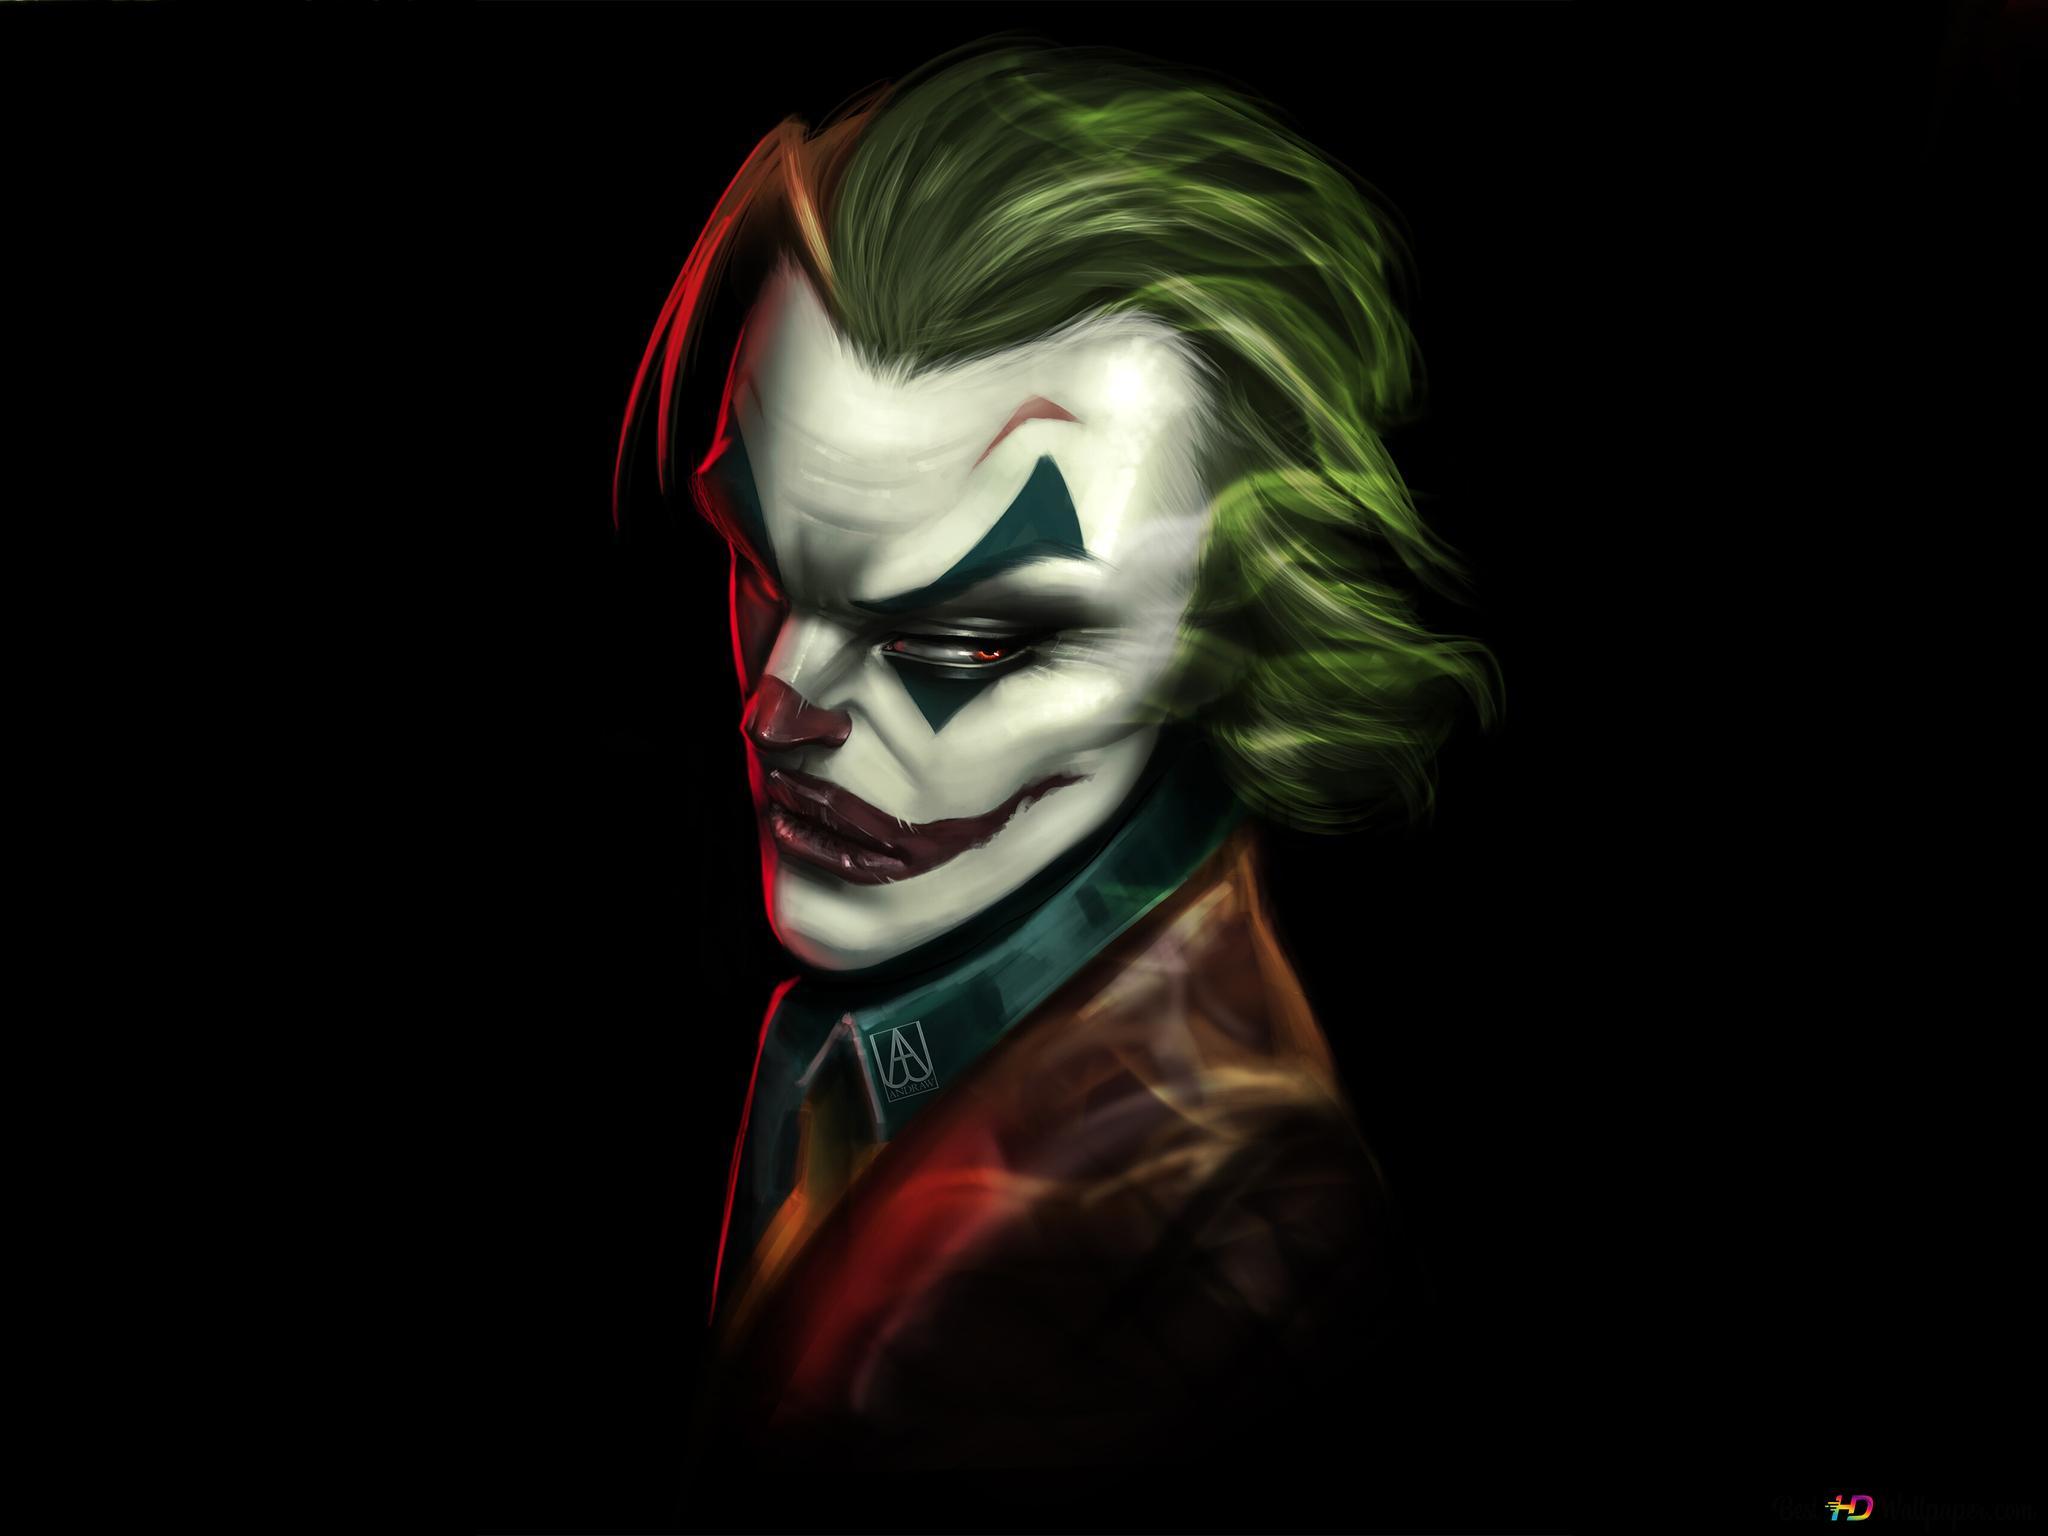 Dc電影 小丑高清壁紙下載